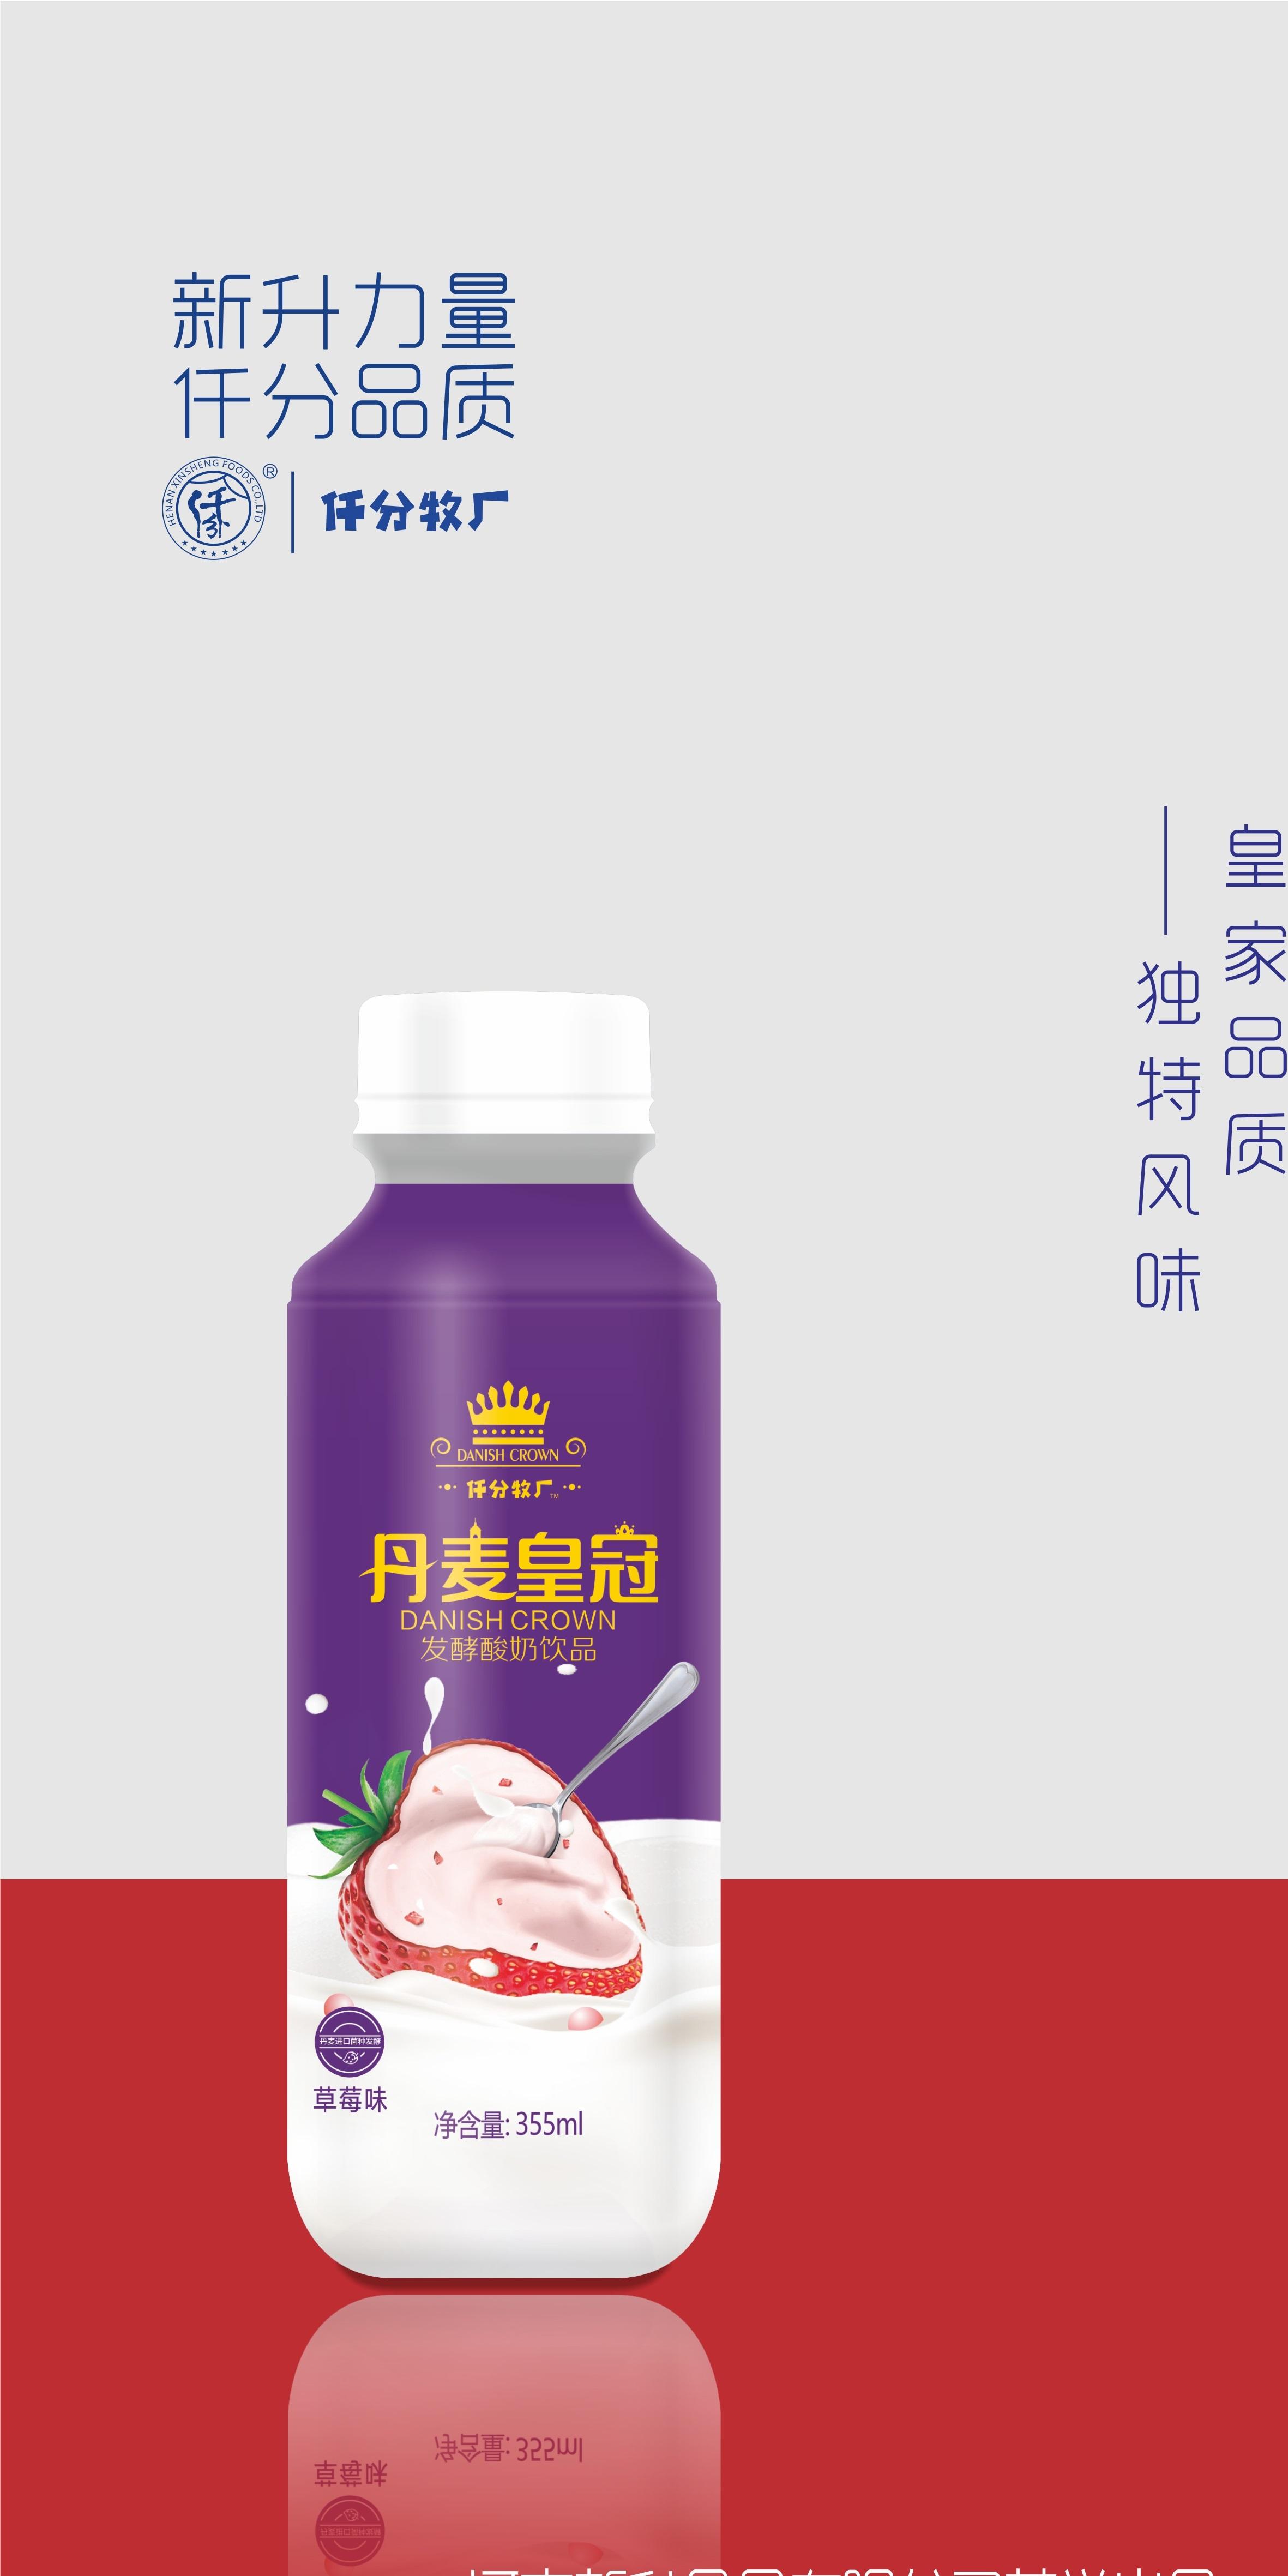 仟分牧厂酸奶全国招代理商